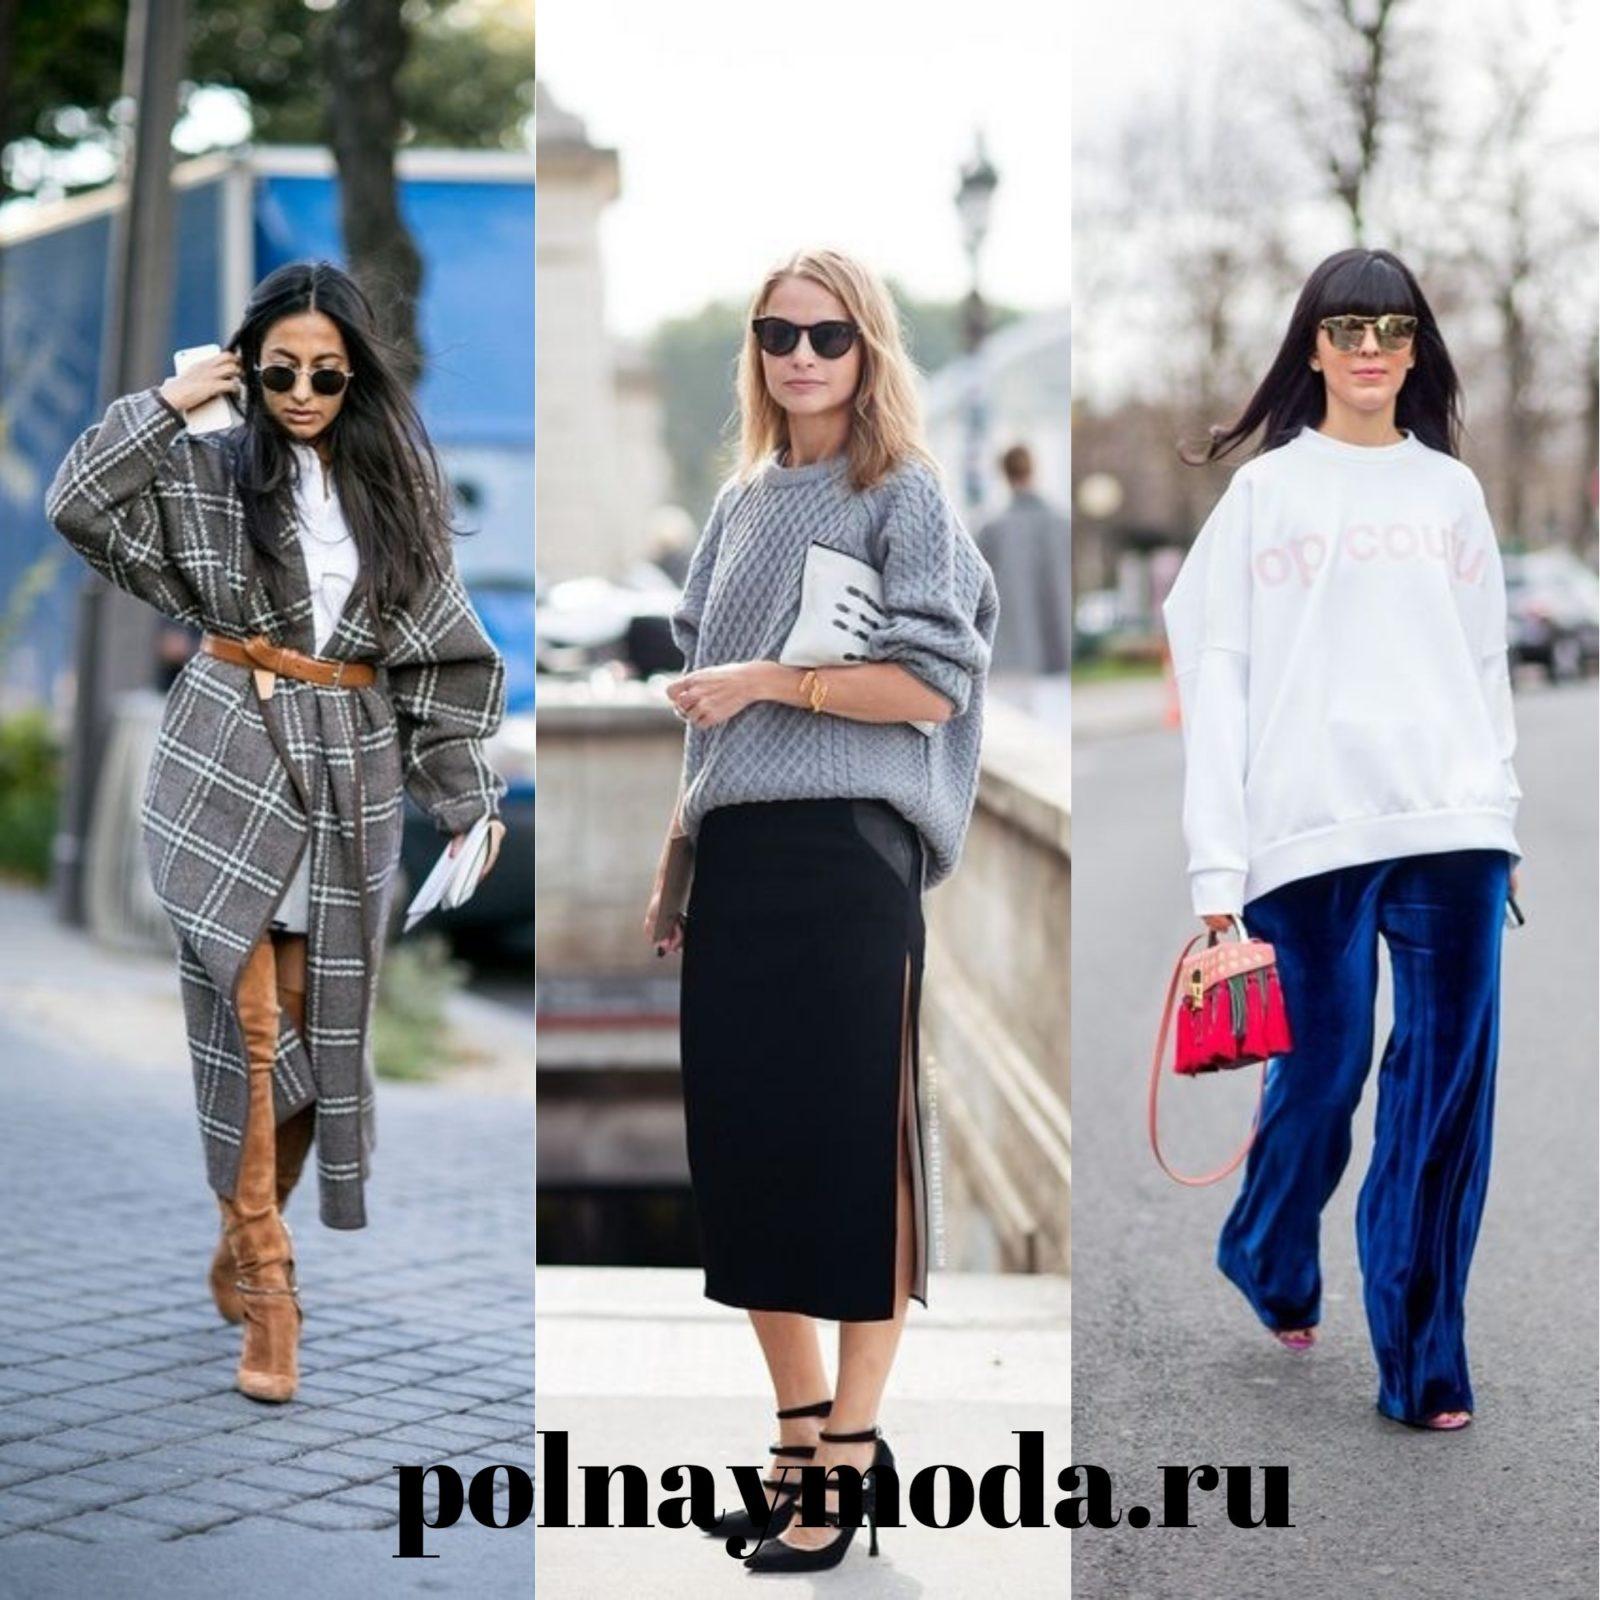 уличная мода 2018 стиль оверсайз пальто свитер брюки